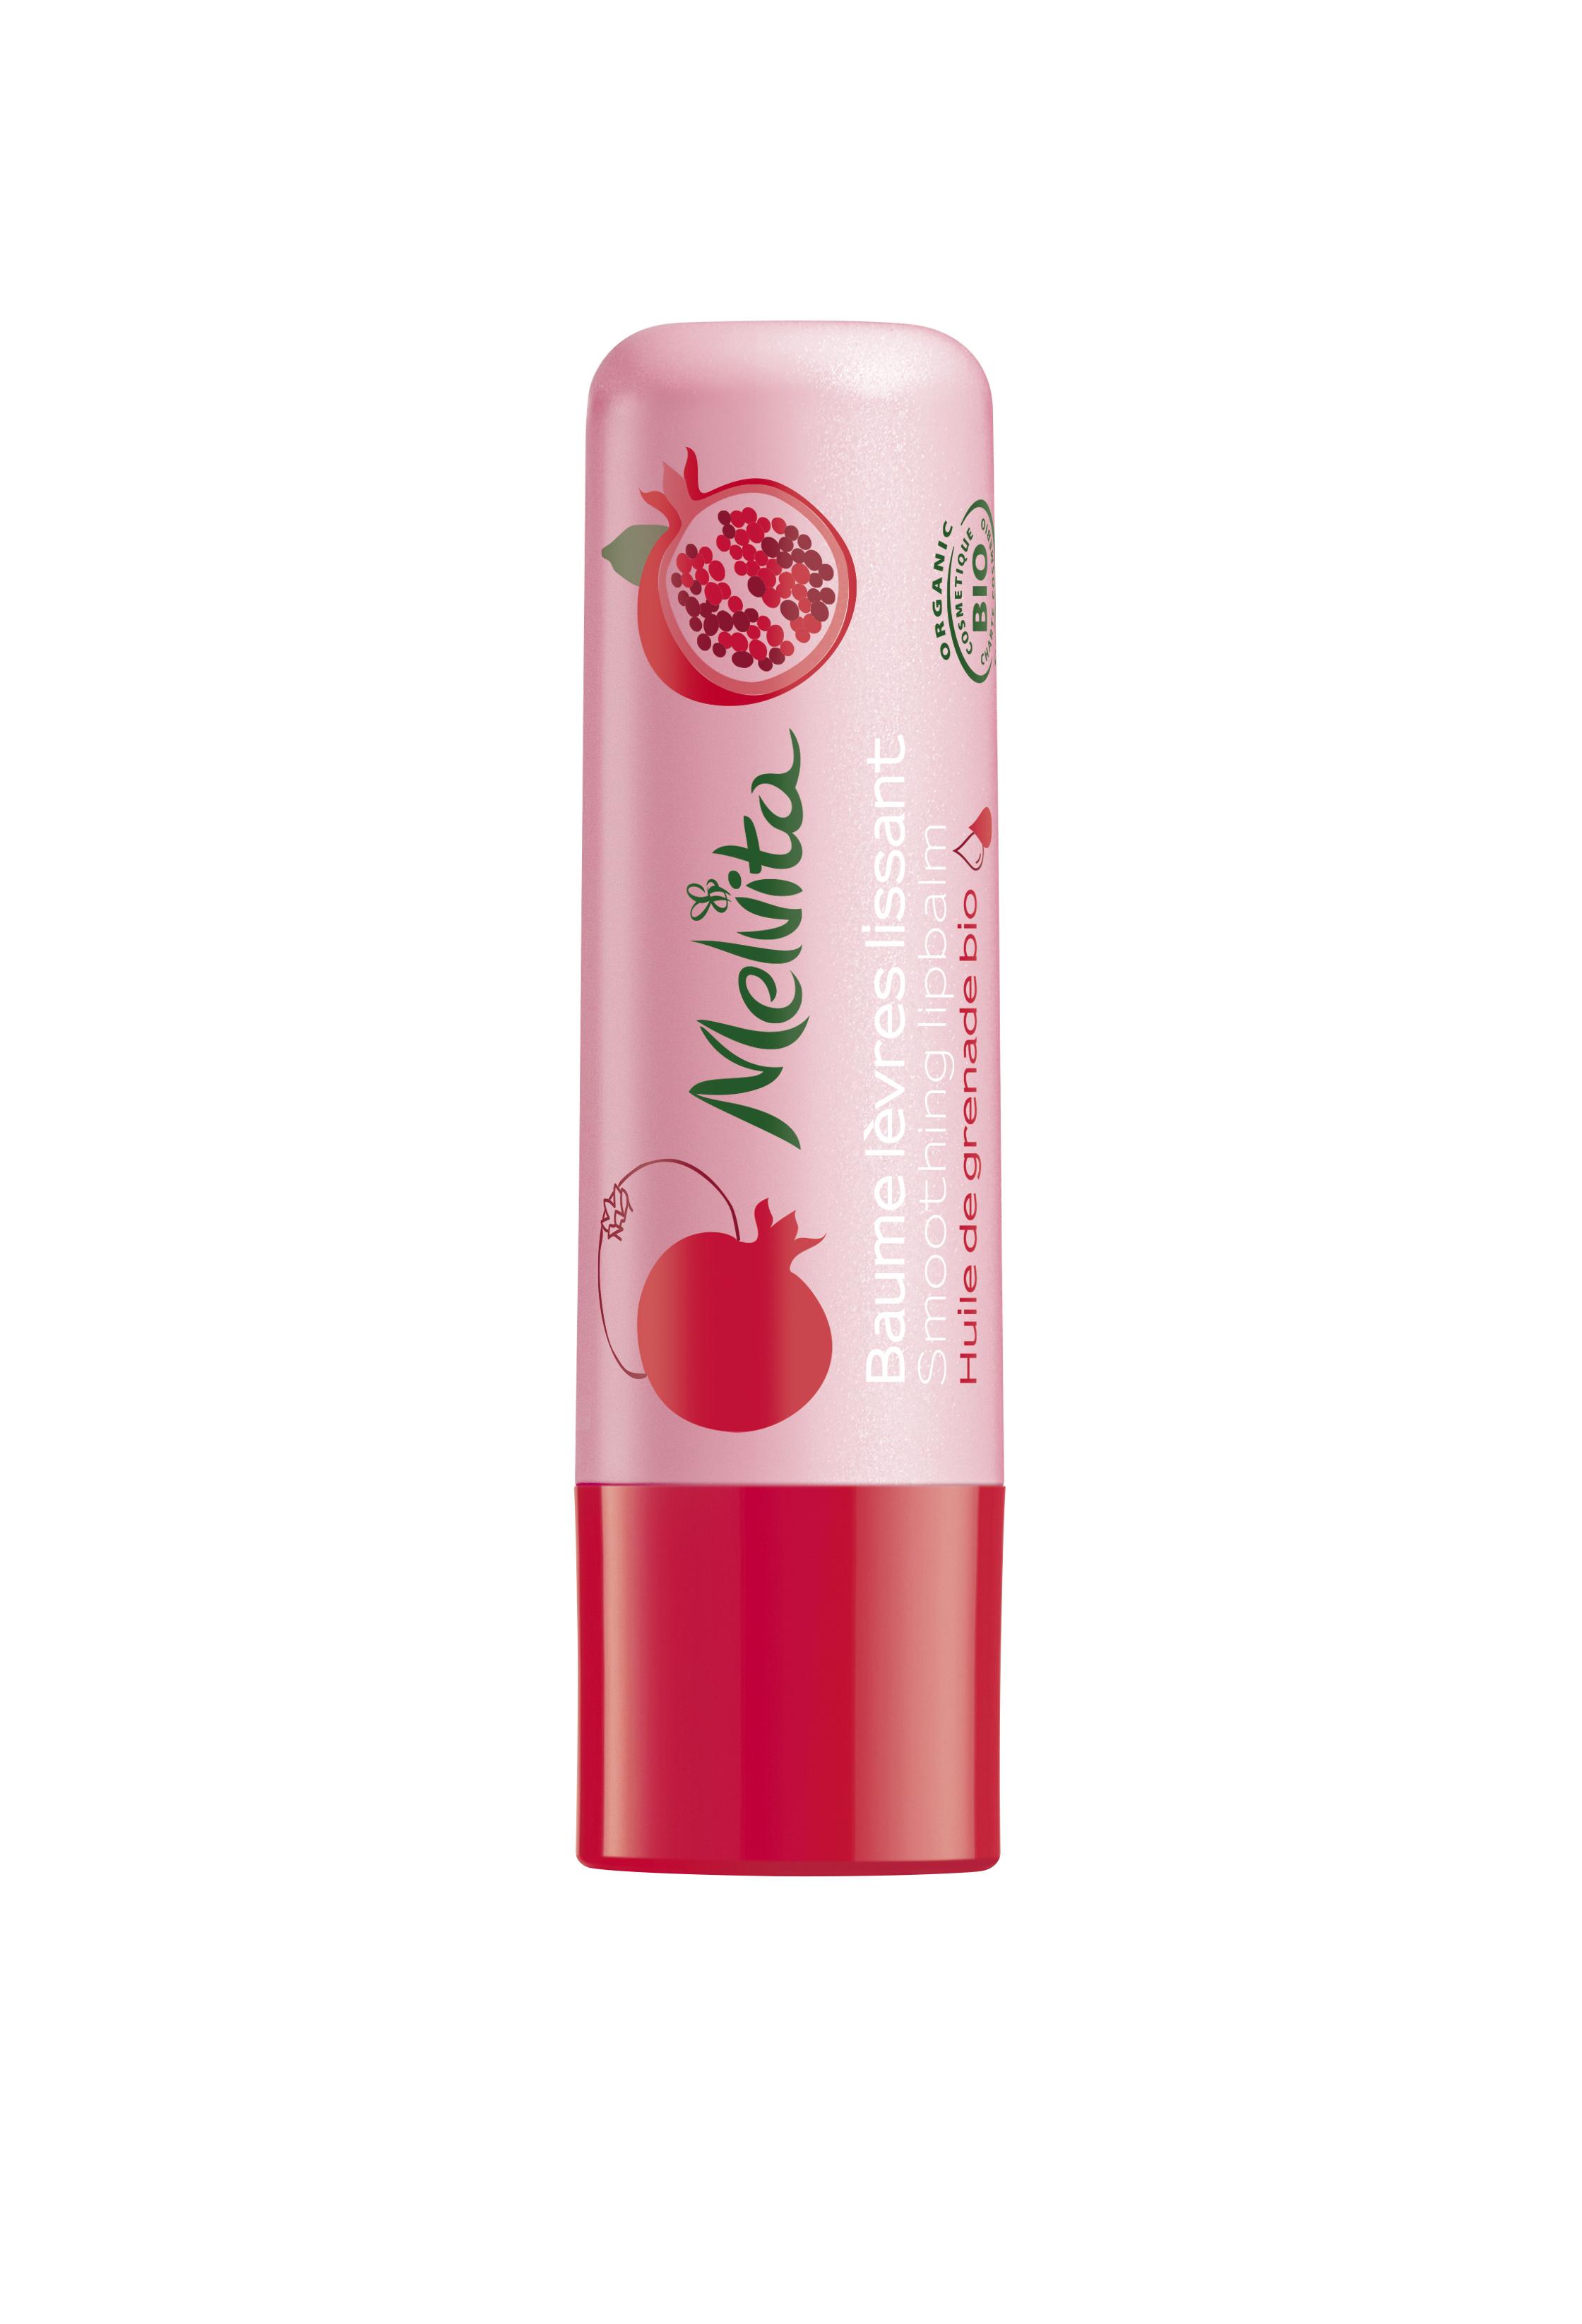 Glättender Lippenbalsam